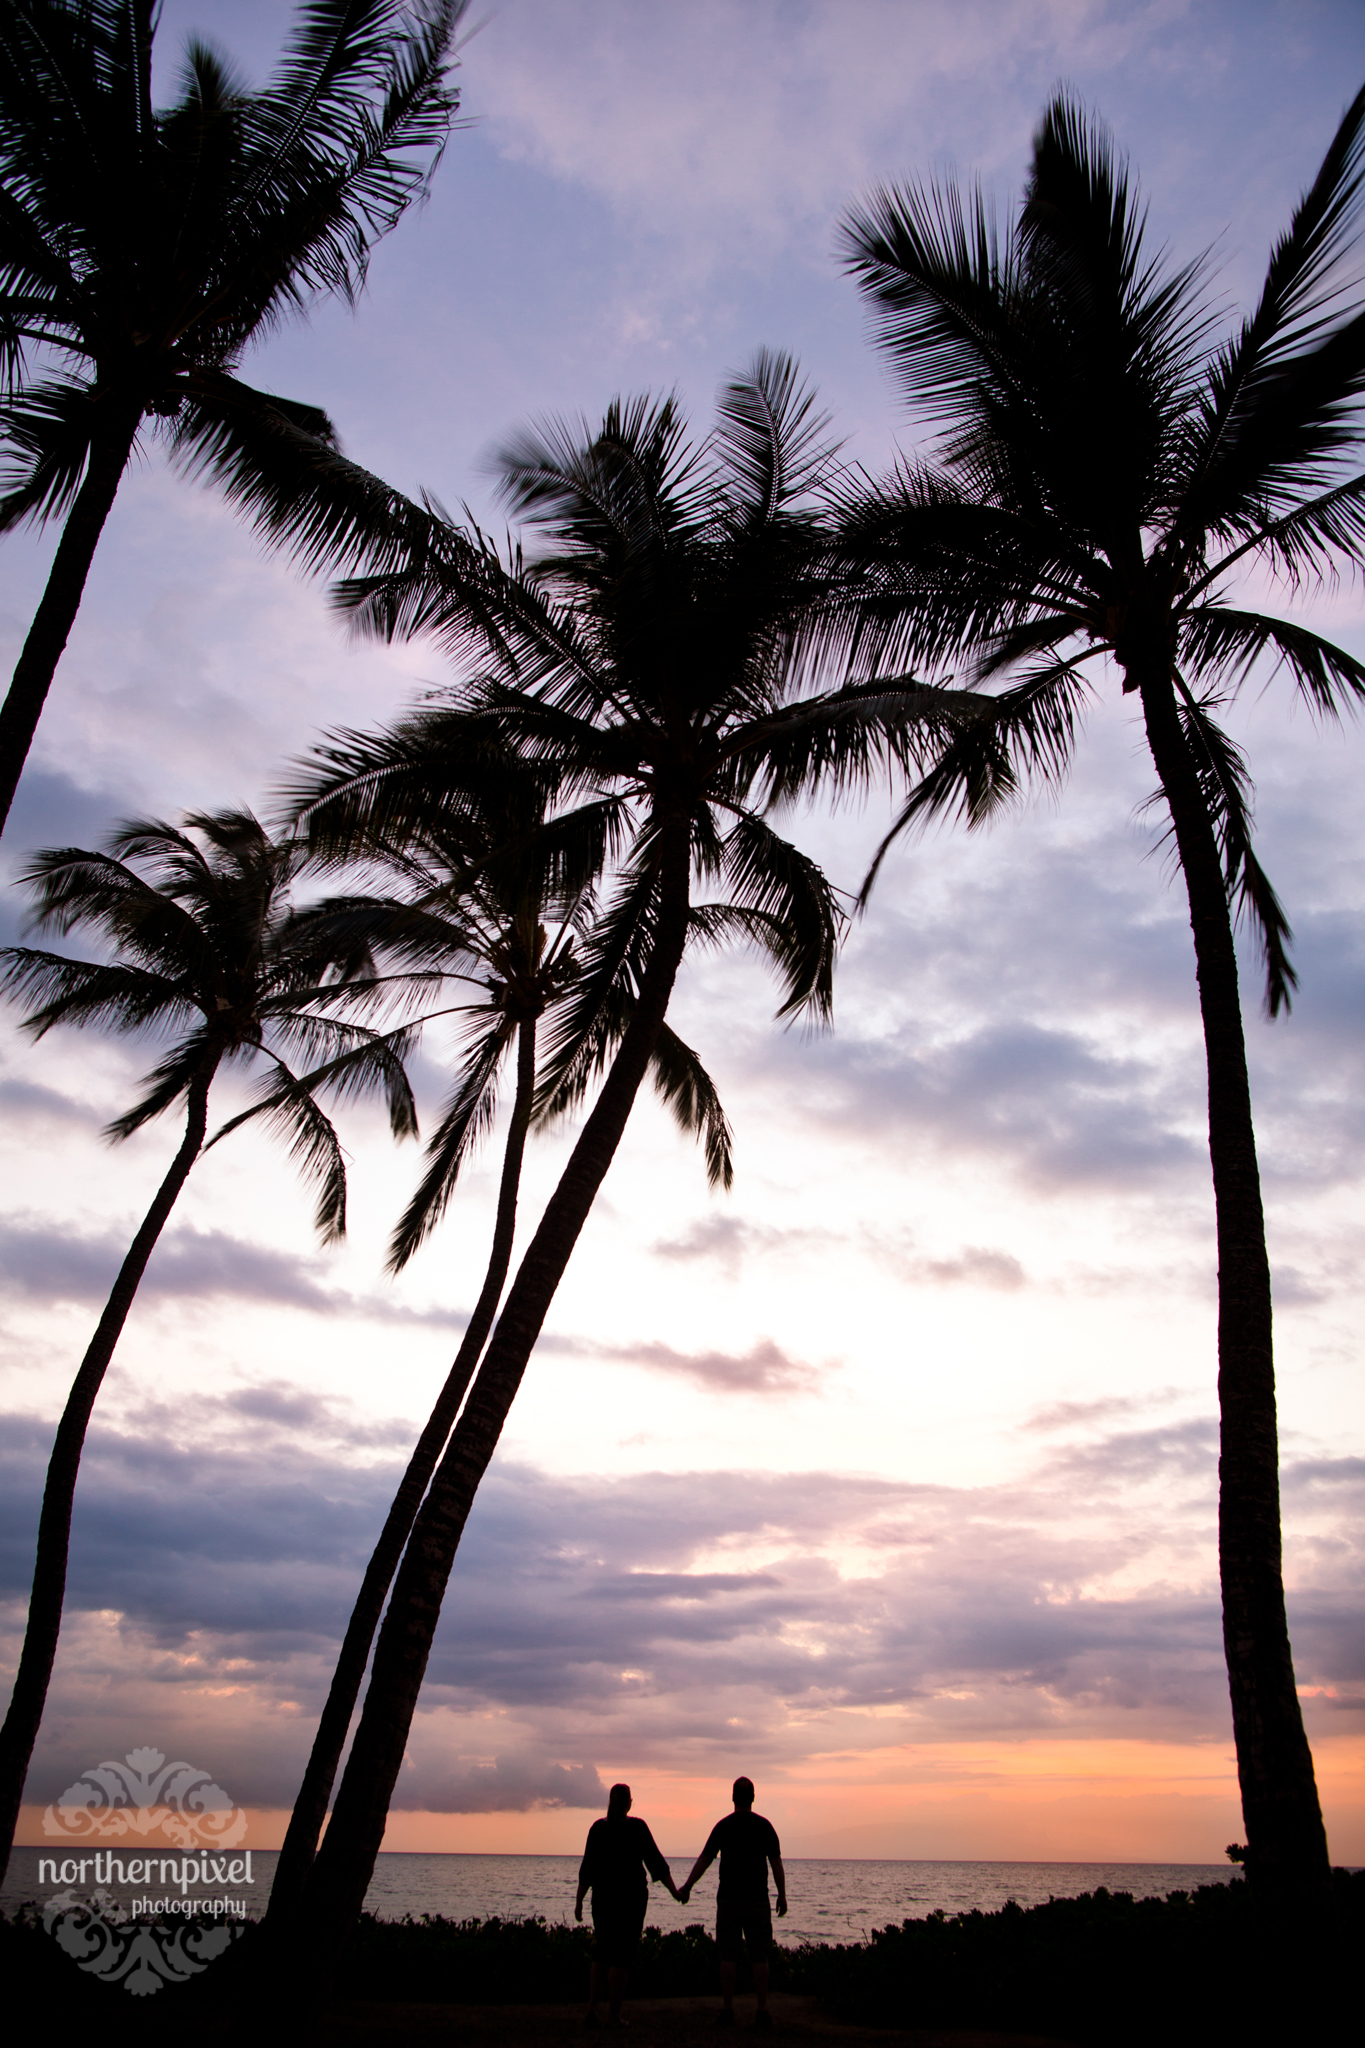 Mokapu Beach Sunset Silhouette